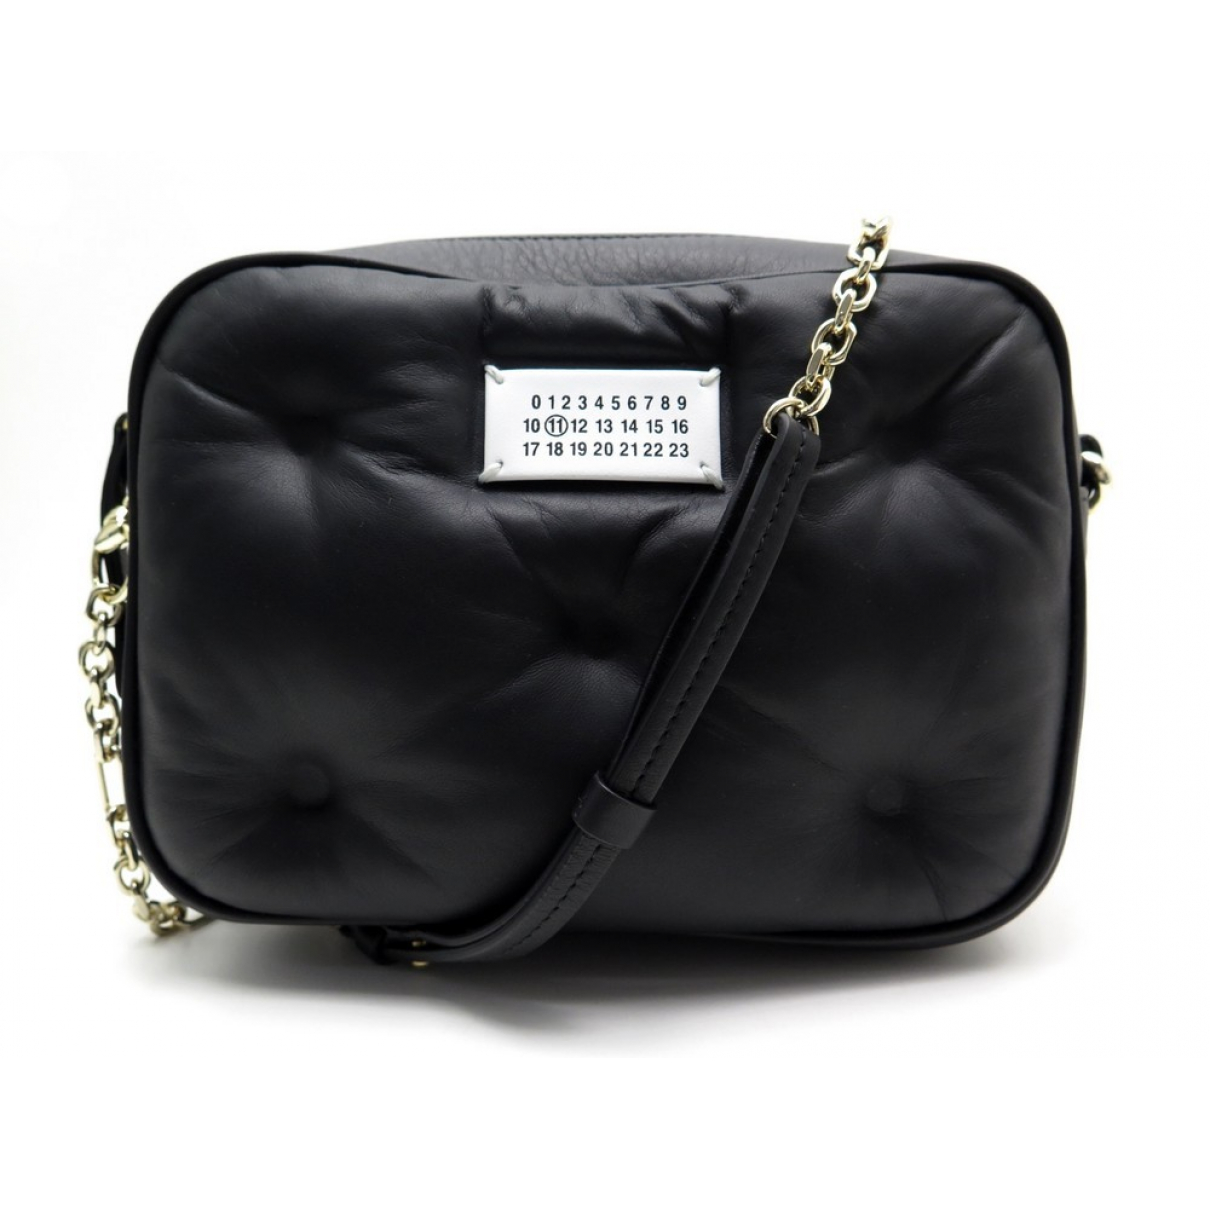 Maison Martin Margiela \N Handtasche in  Schwarz Leder